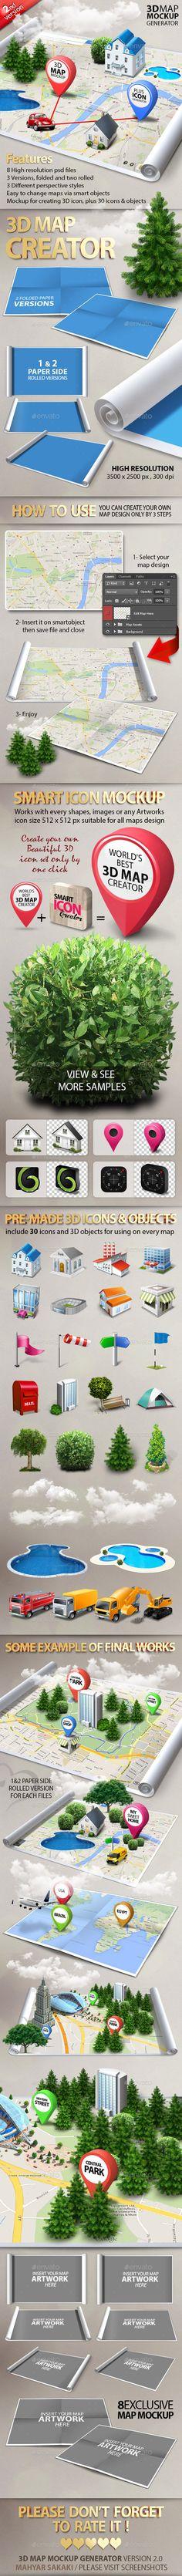 3d Map Generator Mockup #design Download: http://graphicriver.net/item/3d-map-generator-mockup-v20/12120511?ref=ksioks